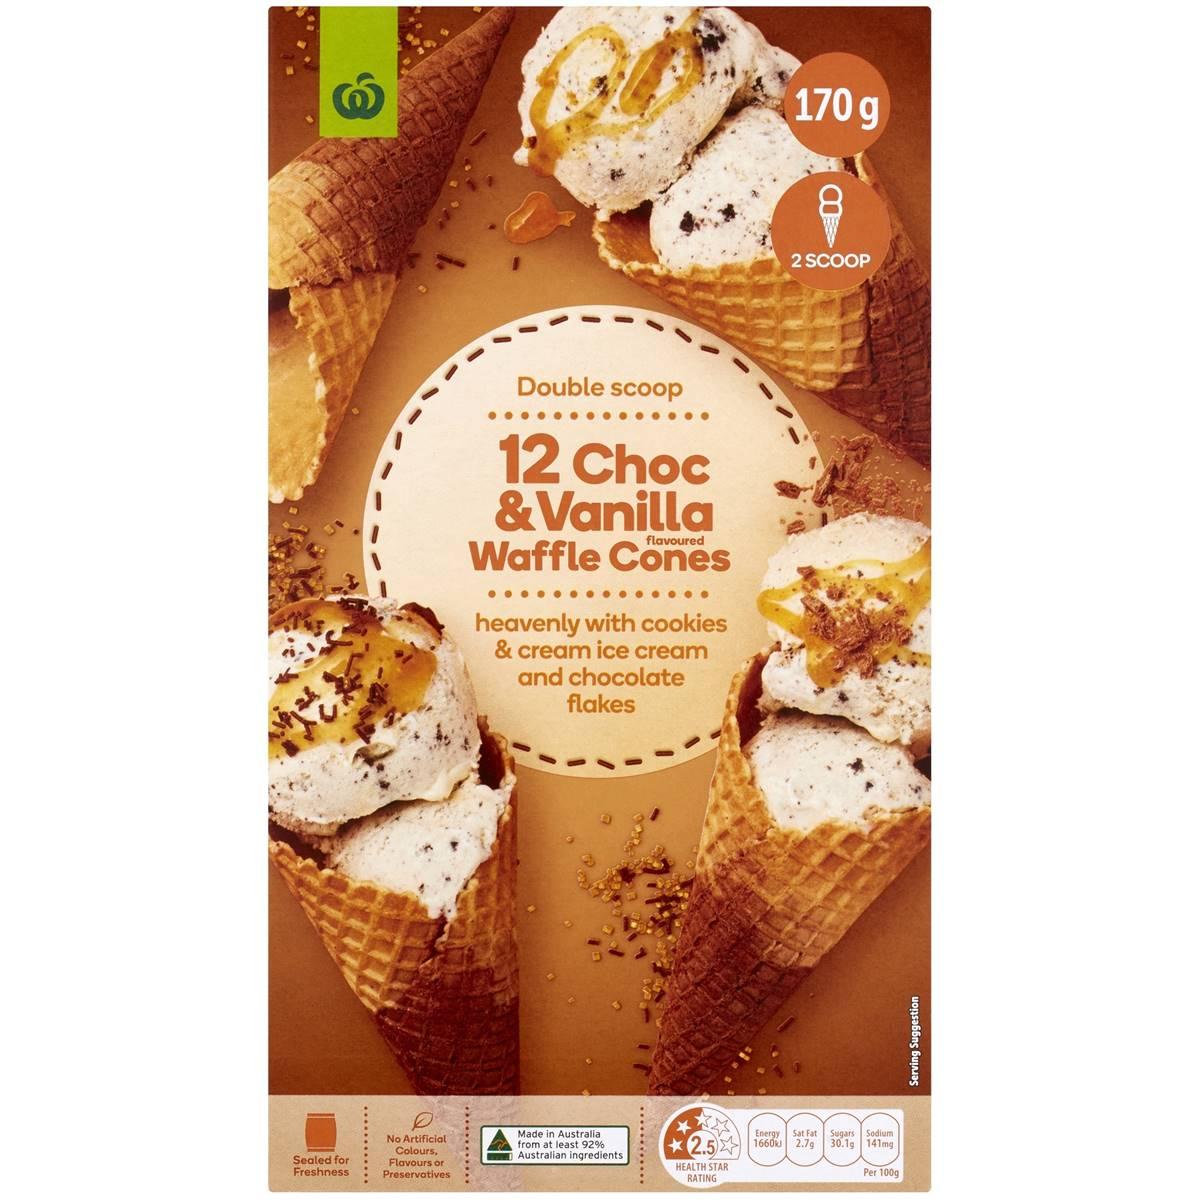 Woolworths Select Natural Choc & Vanilla Waffle Cones 12pk ...